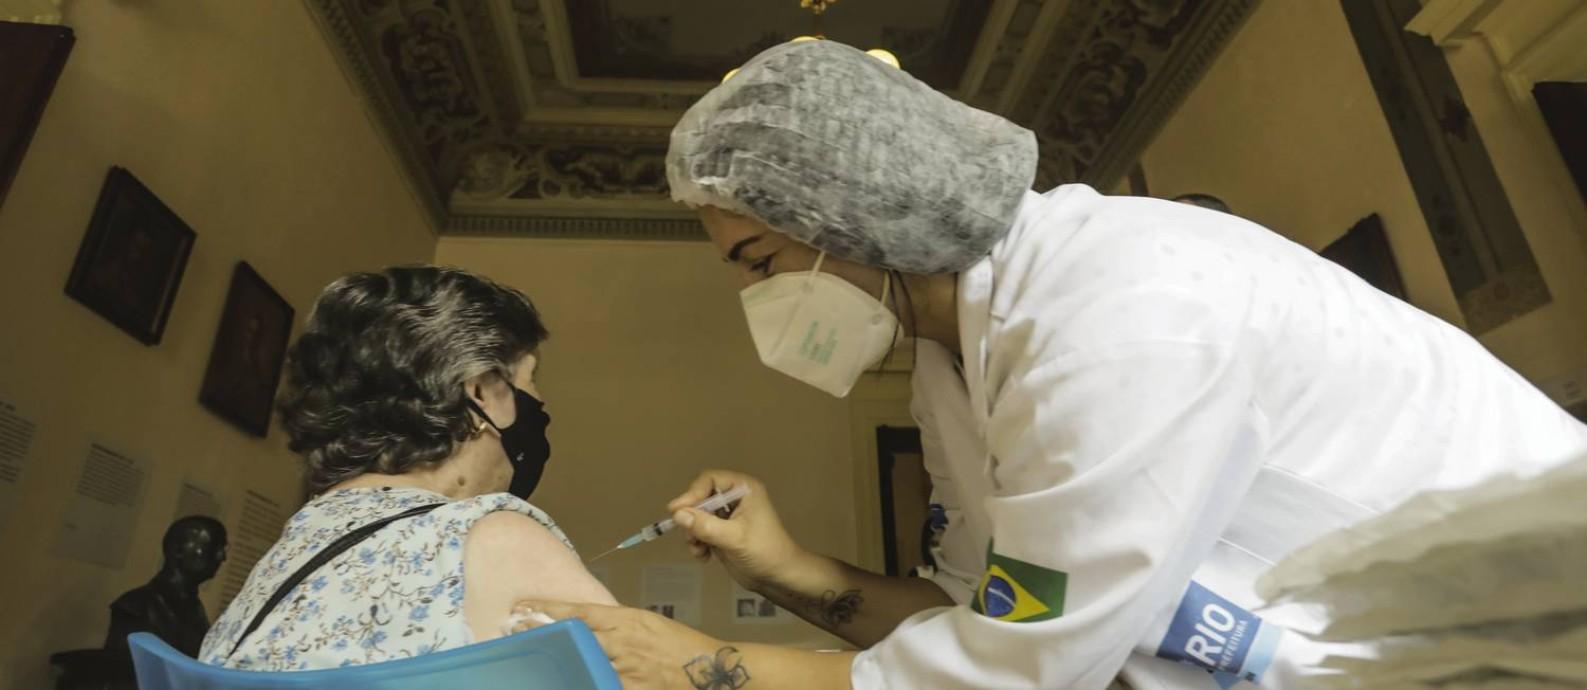 Vacinação contra a Covid-19 no Museu da República, no Palácio do Catete Foto: Gabriel de Paiva